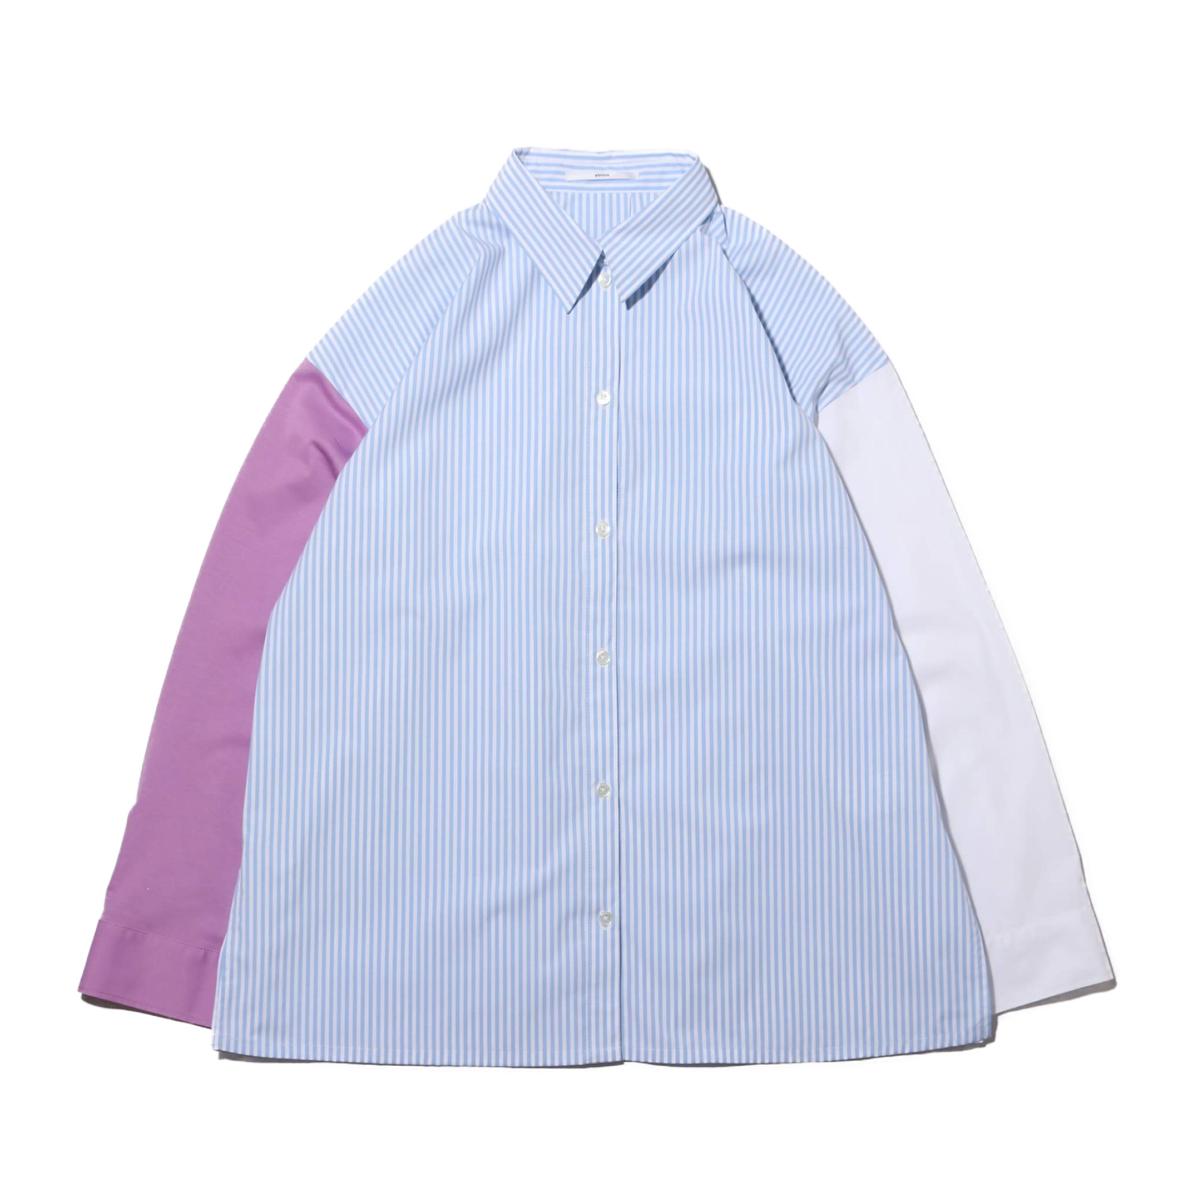 atmos pink ドッキングビックシャツ(アトモスピンク ドッキングビックシャツ)SAX【レディース 長袖シャツ】20SP-S